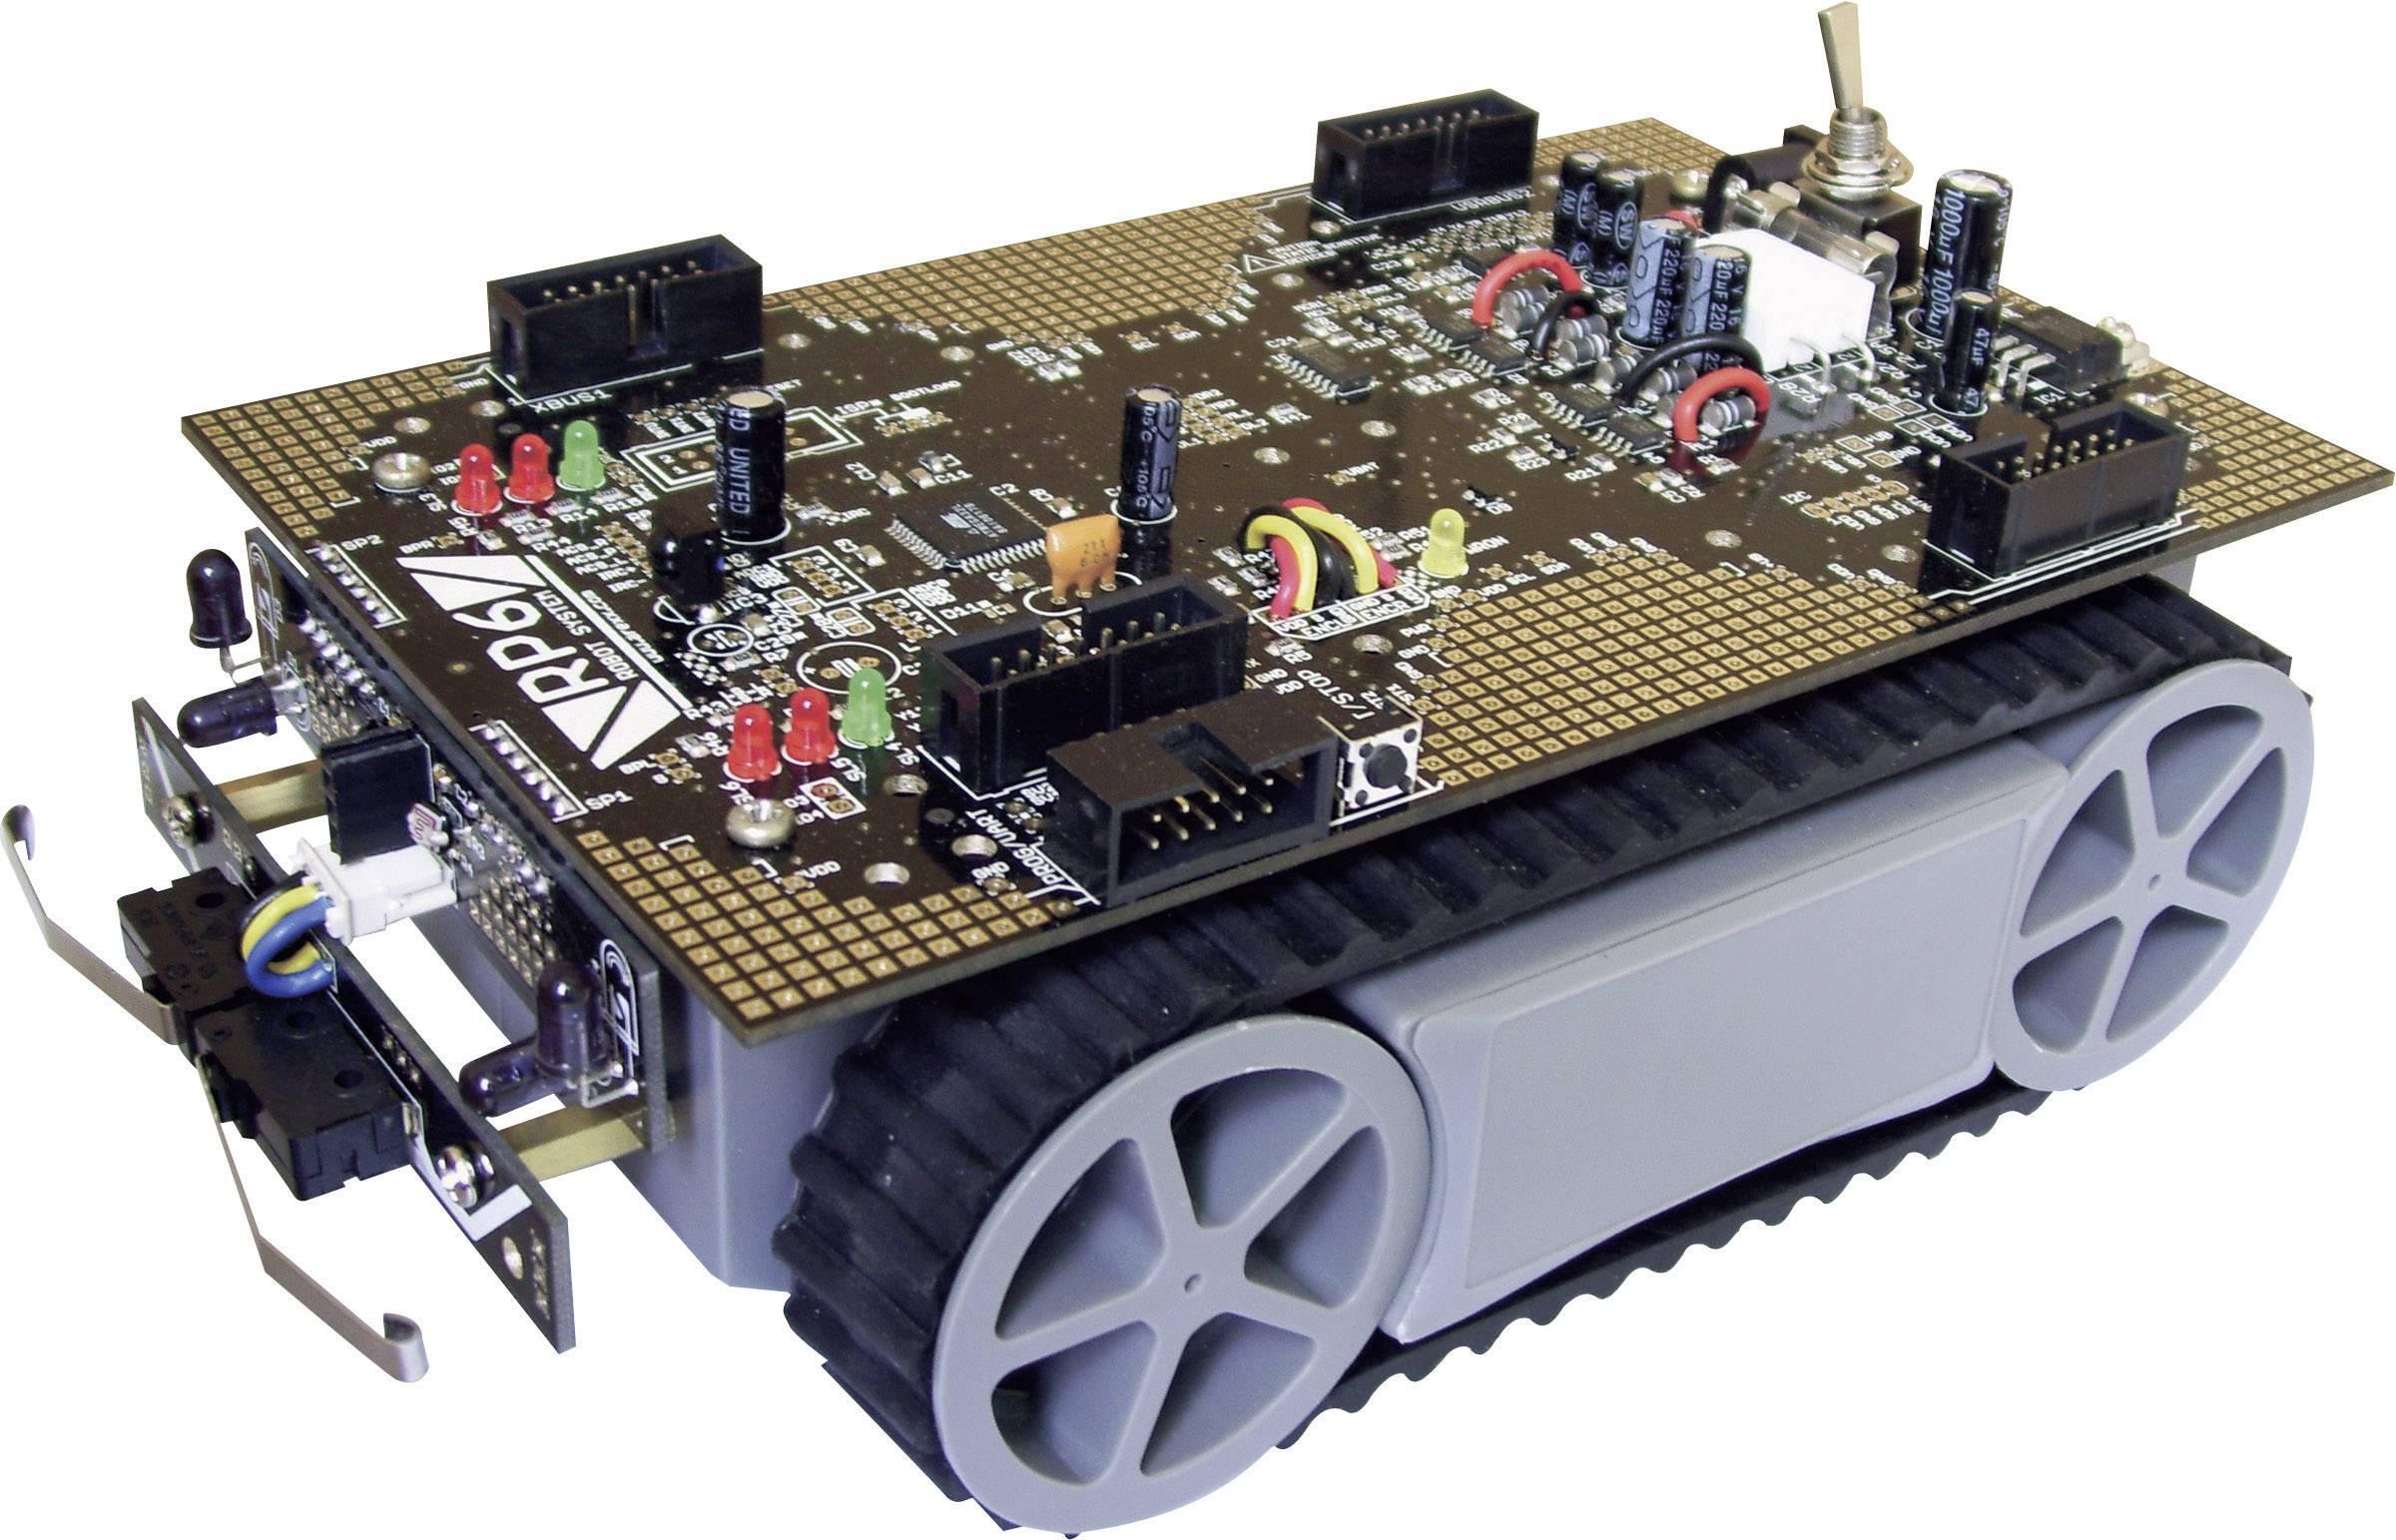 Ultraschall Entfernungsmesser Bausatz : Arexx roboter bausatz rp v ausführung baustein